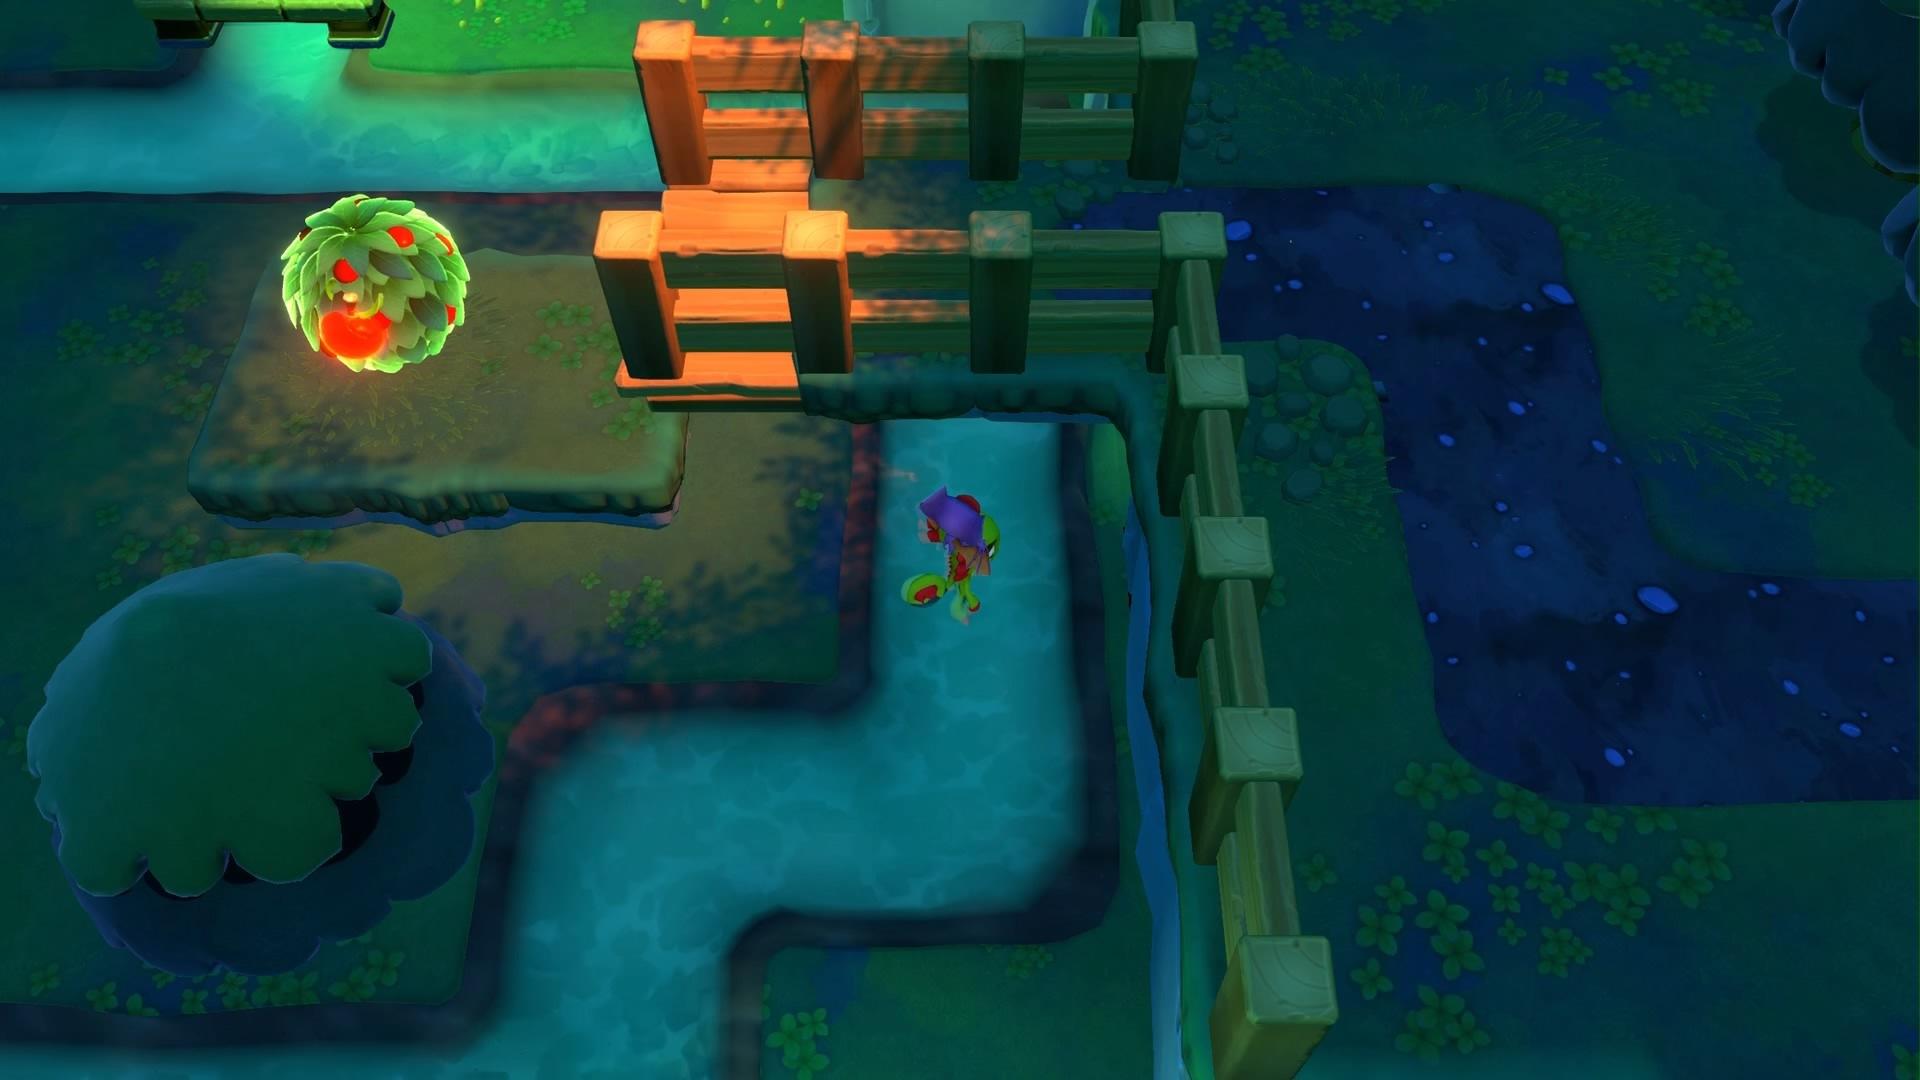 インポッシブル迷宮® 森林エリア-5